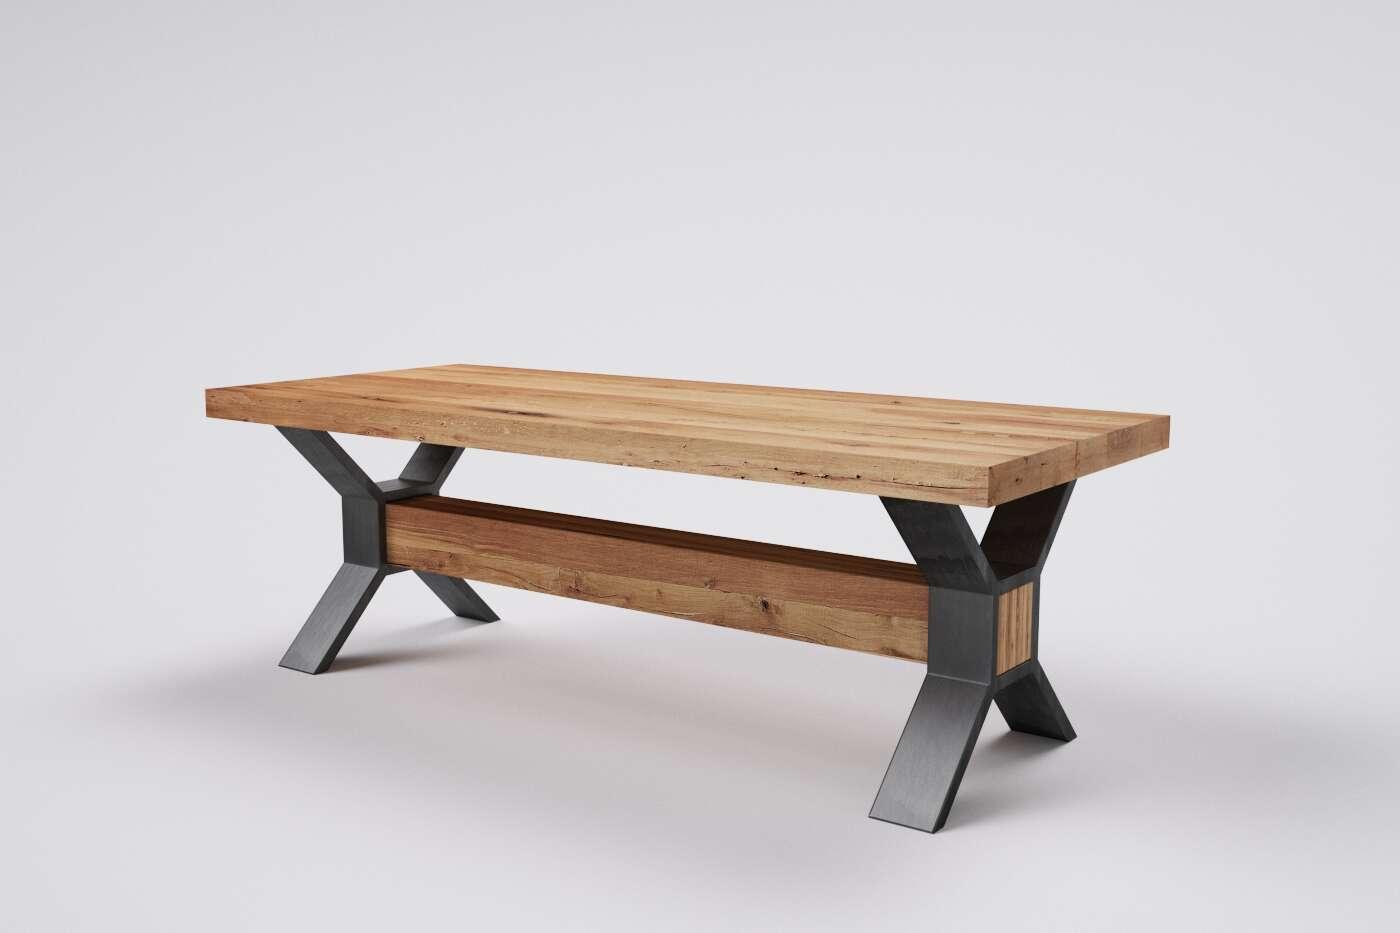 Holztisch Altholz Eiche | Wohnsektion